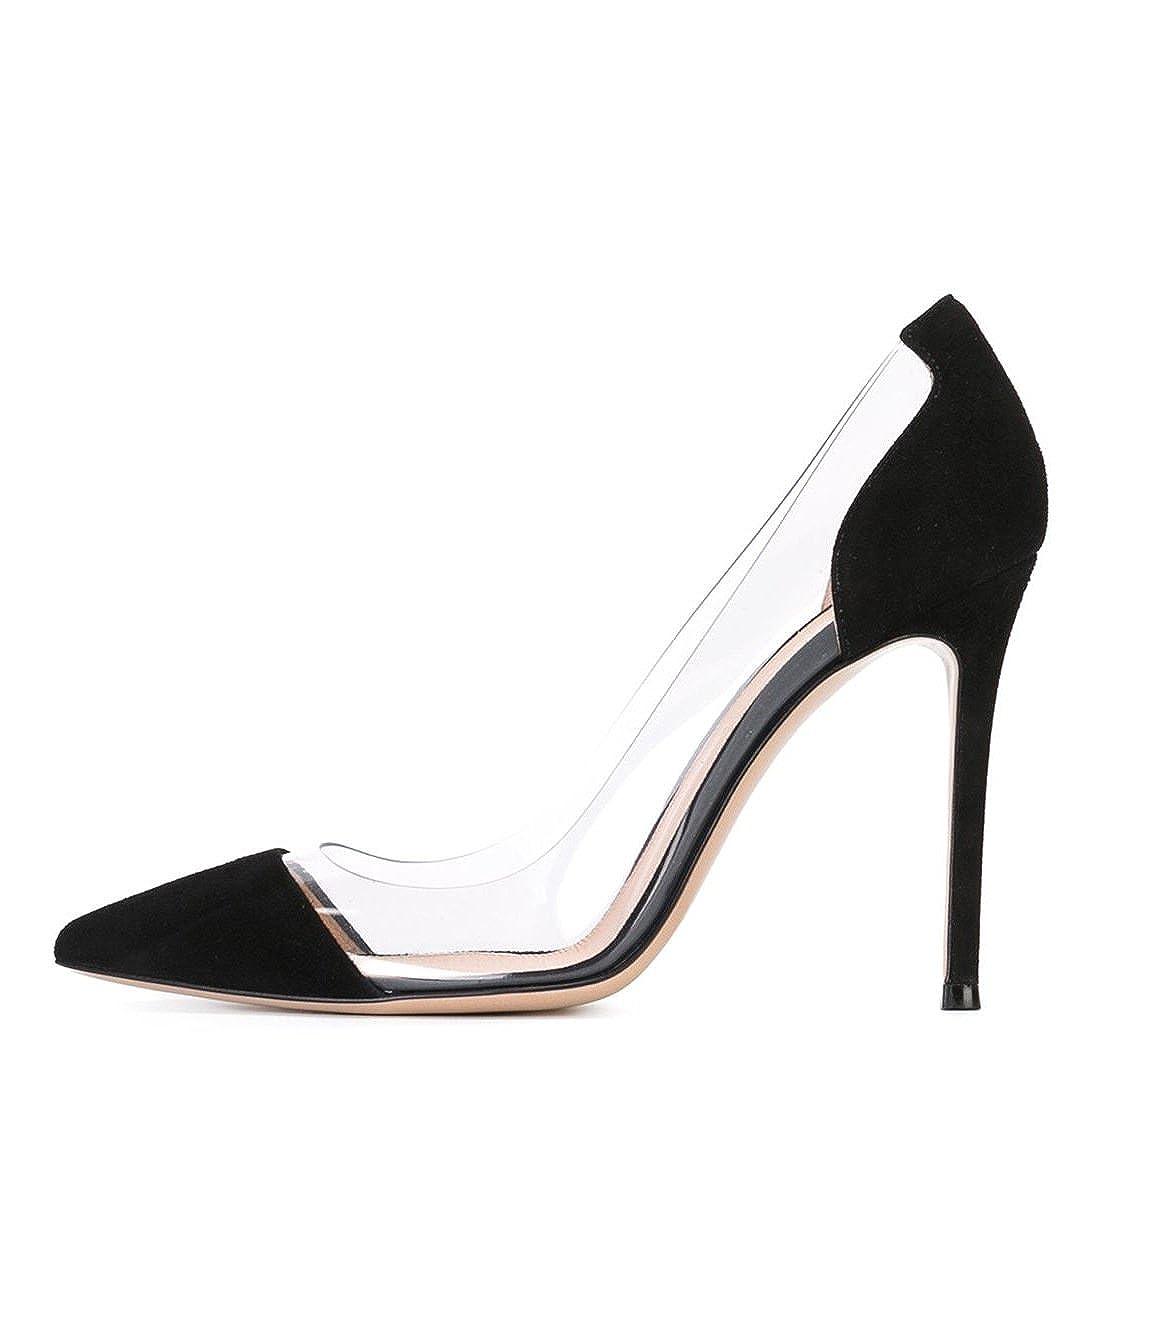 DYF Frauen Nackt Scharfe Feine High Schuhe High Feine Heel Transparent Office, 10 cm, Schwarz, 38 - cc721a